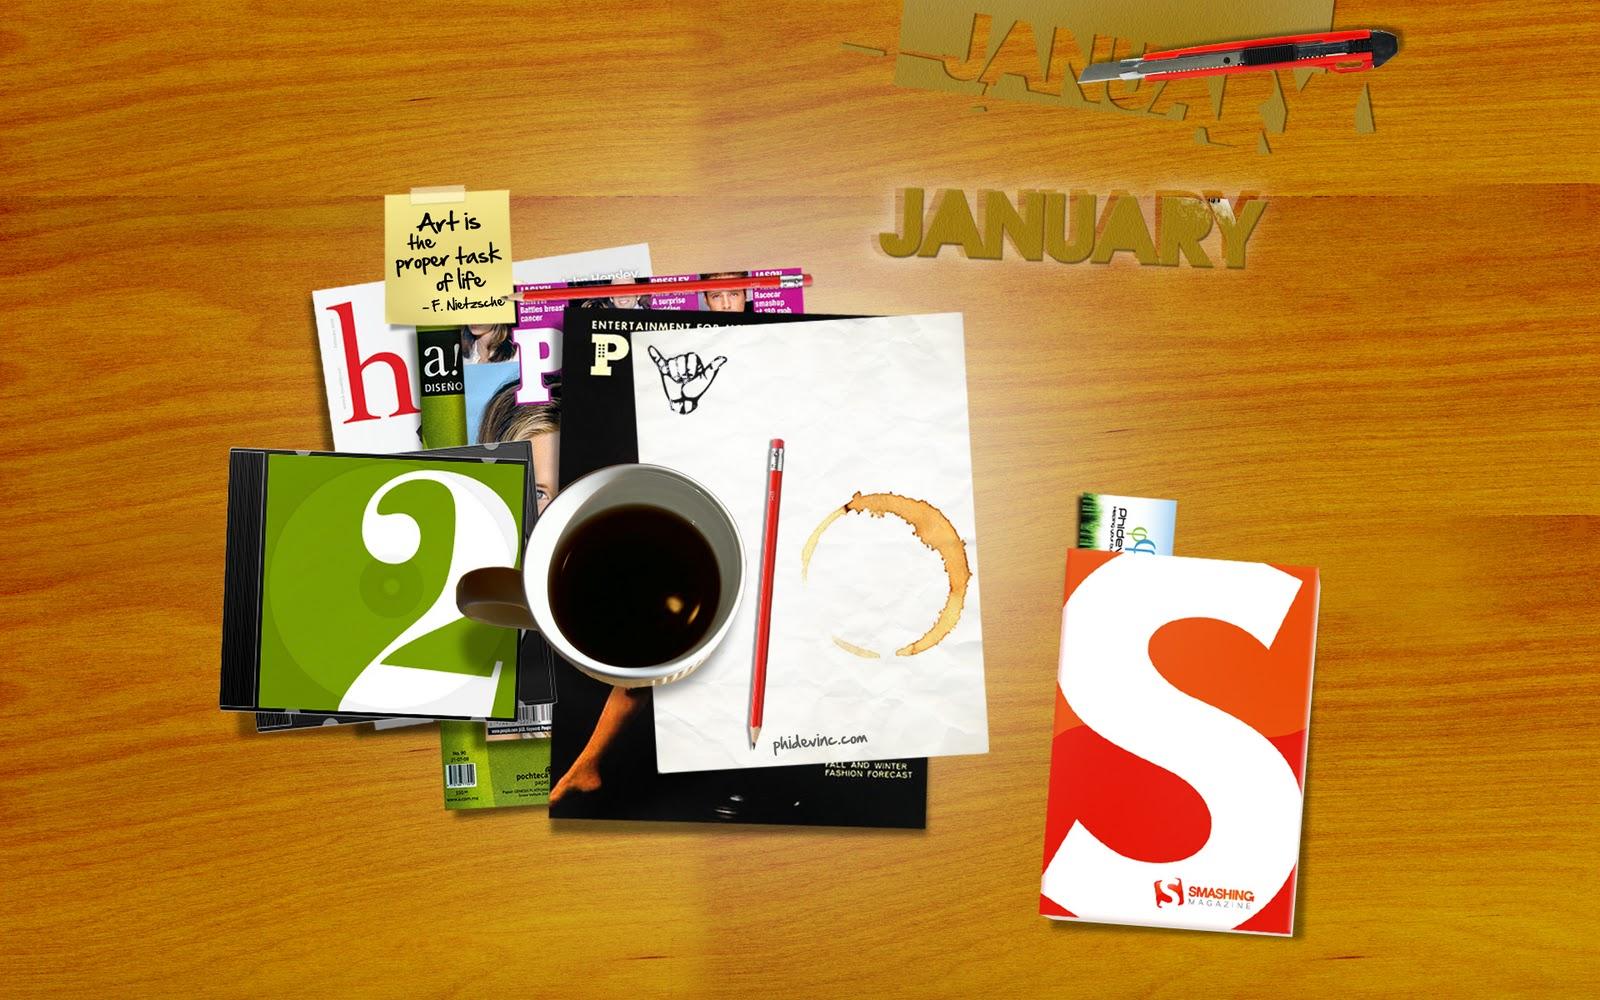 http://2.bp.blogspot.com/-7uc_XRgg-6o/TqwEsvLlYMI/AAAAAAAADk8/tAhgW1Tw-YE/s1600/january-10-new-year-inspiration-nocal-1920x1200.jpg